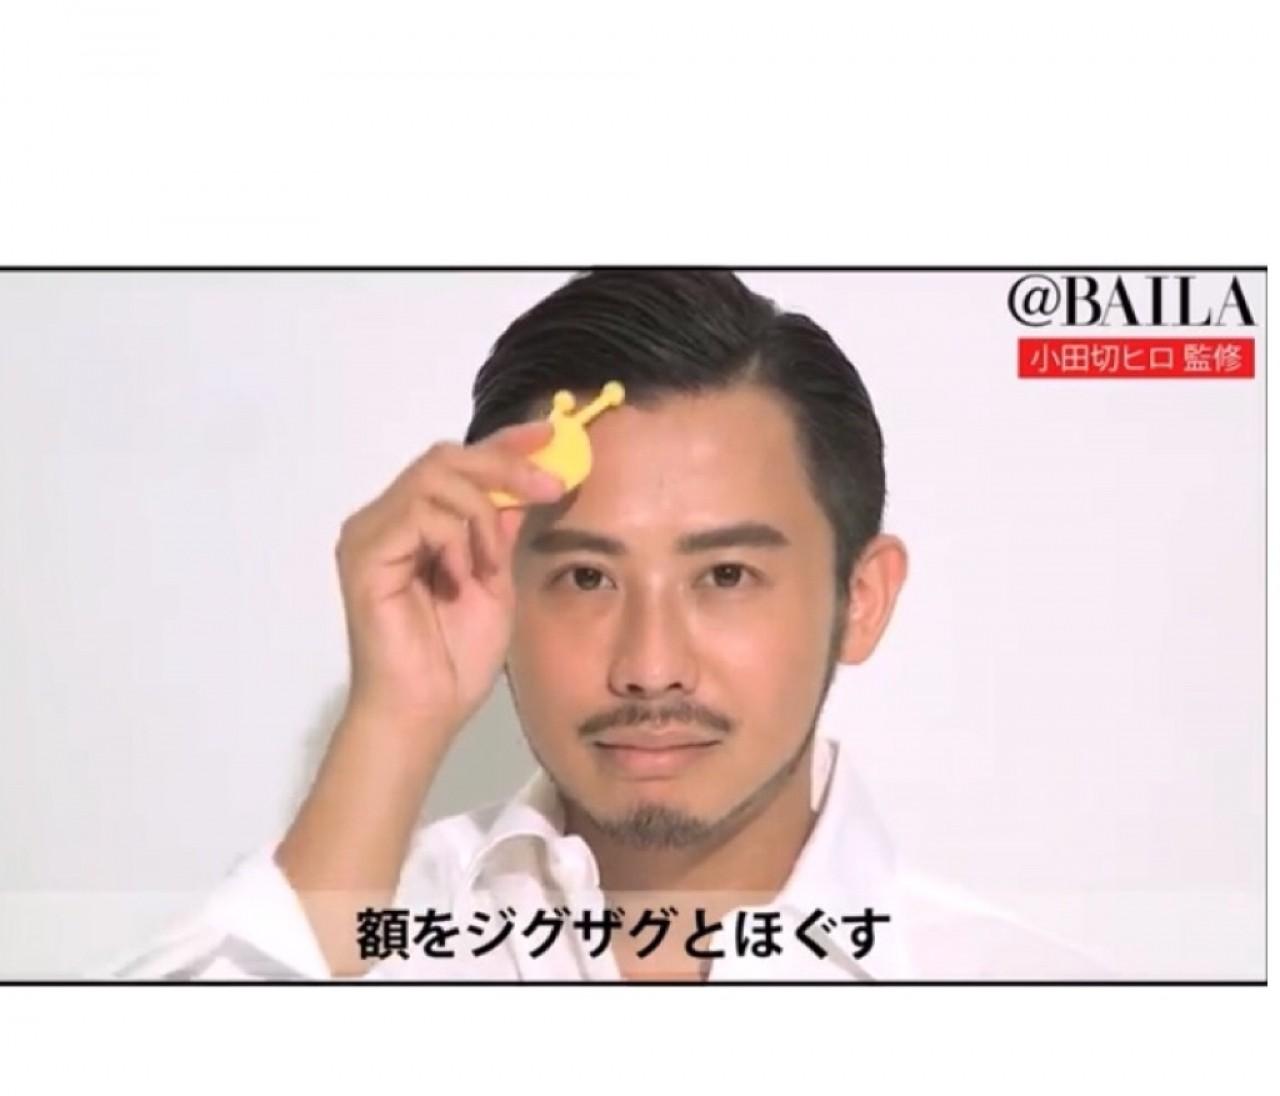 【HOW TO動画で解説】BAILA1月号特別付録「Piro's小顔かっさ」顔コリほぐしの基本メソッド